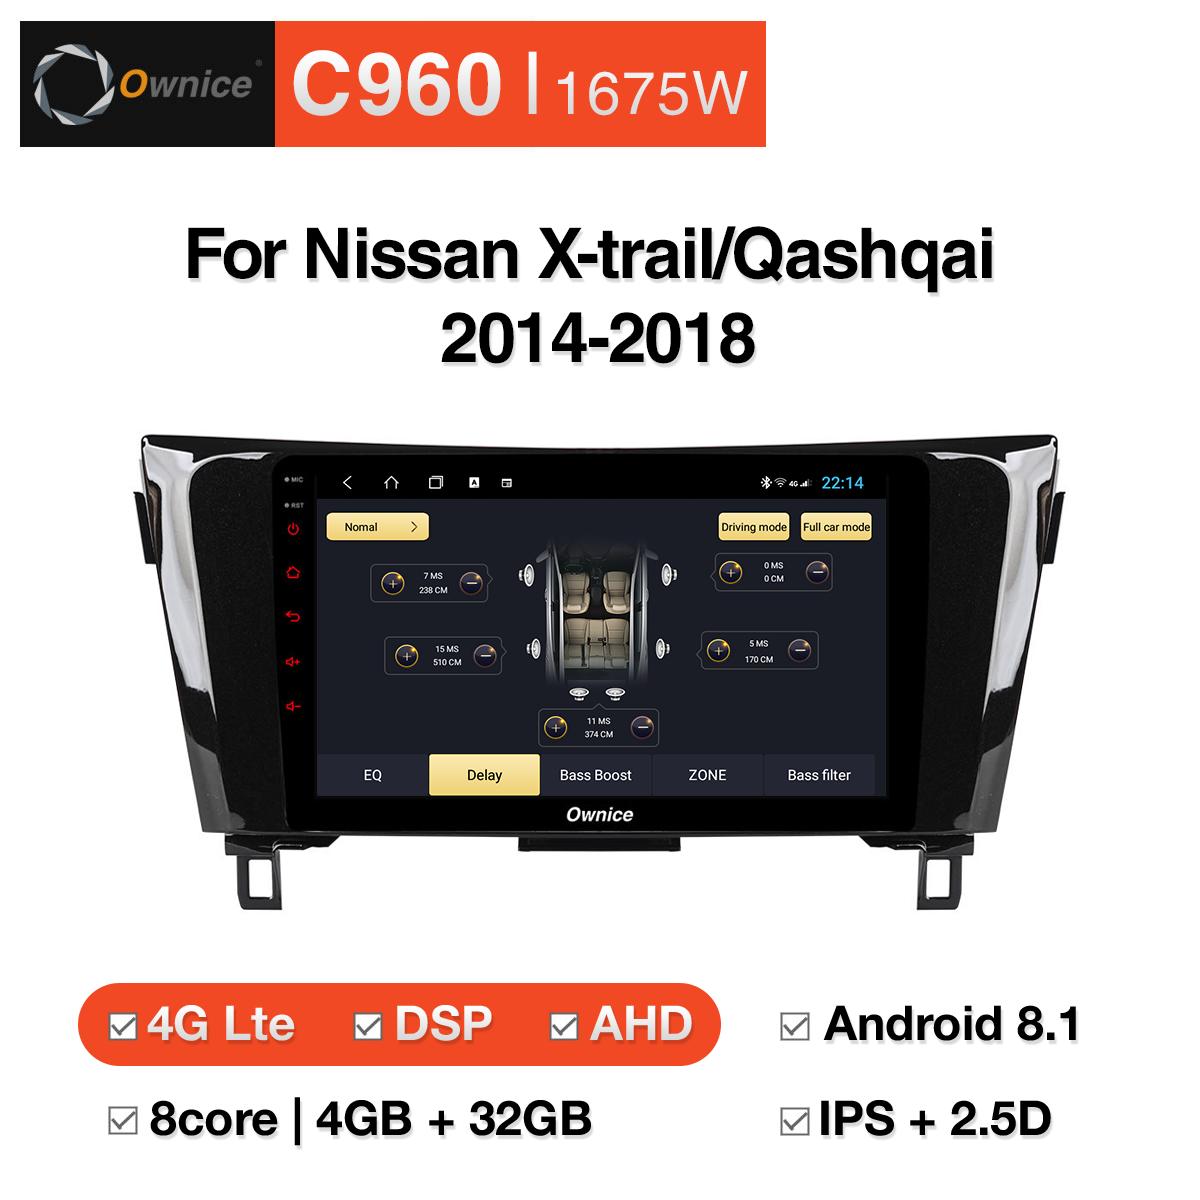 Đầu DVD android Ownice C960 cho xe ô tô Nissan X-trail/Qashqai 2014-2018:: OL-1675W